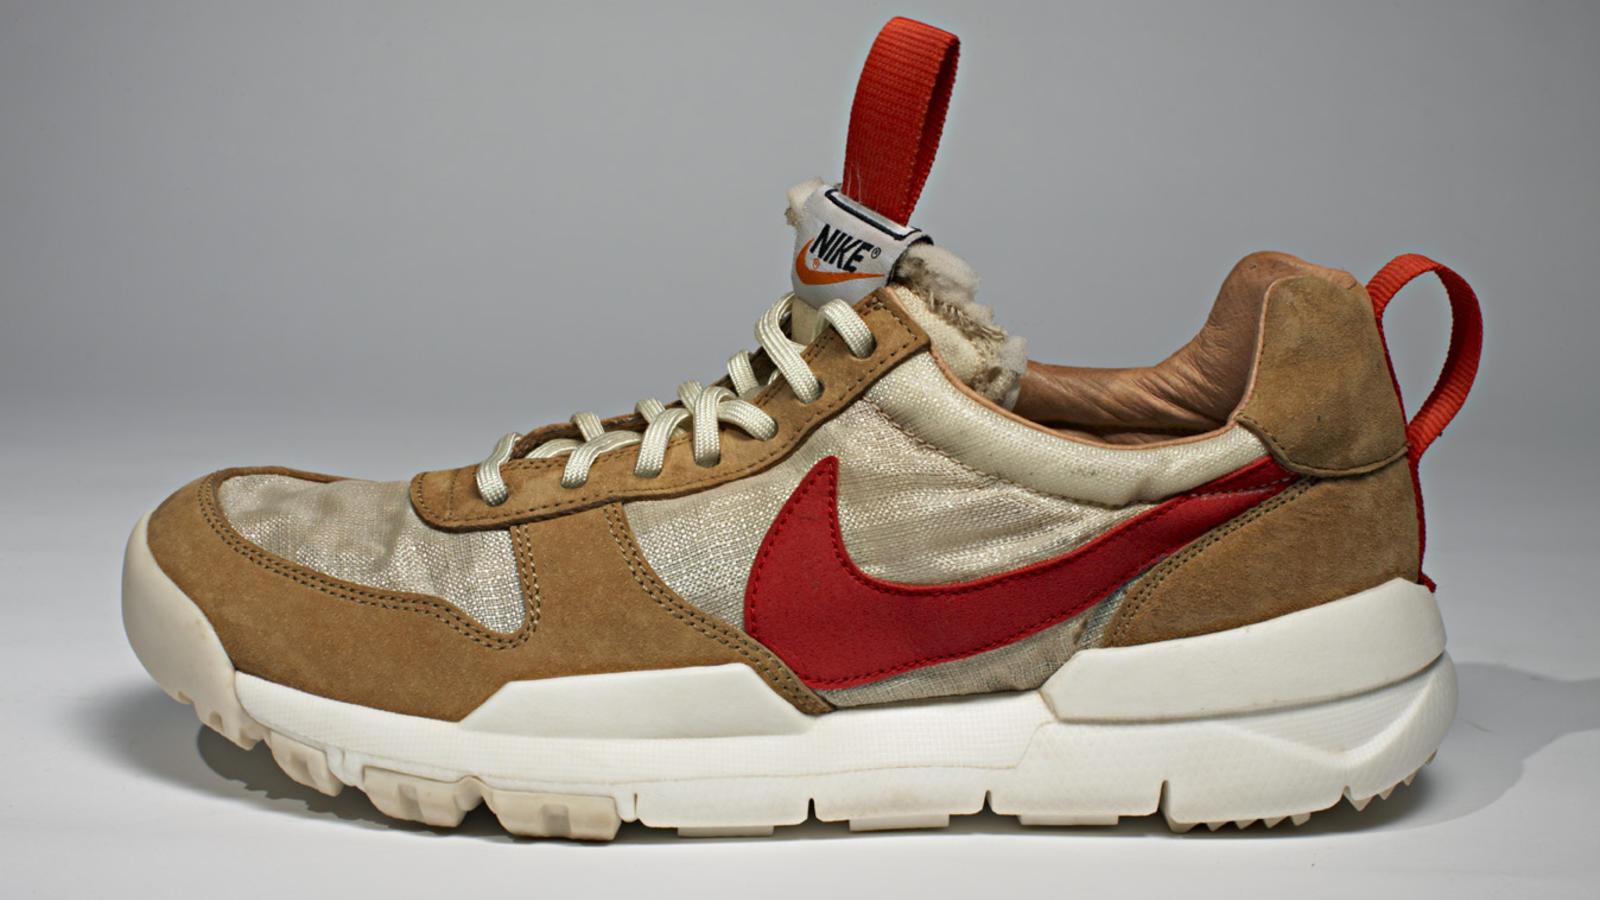 bd460a68253 Nike and Tom Sachs present Tom Sachs: NIKECraft - Nike News